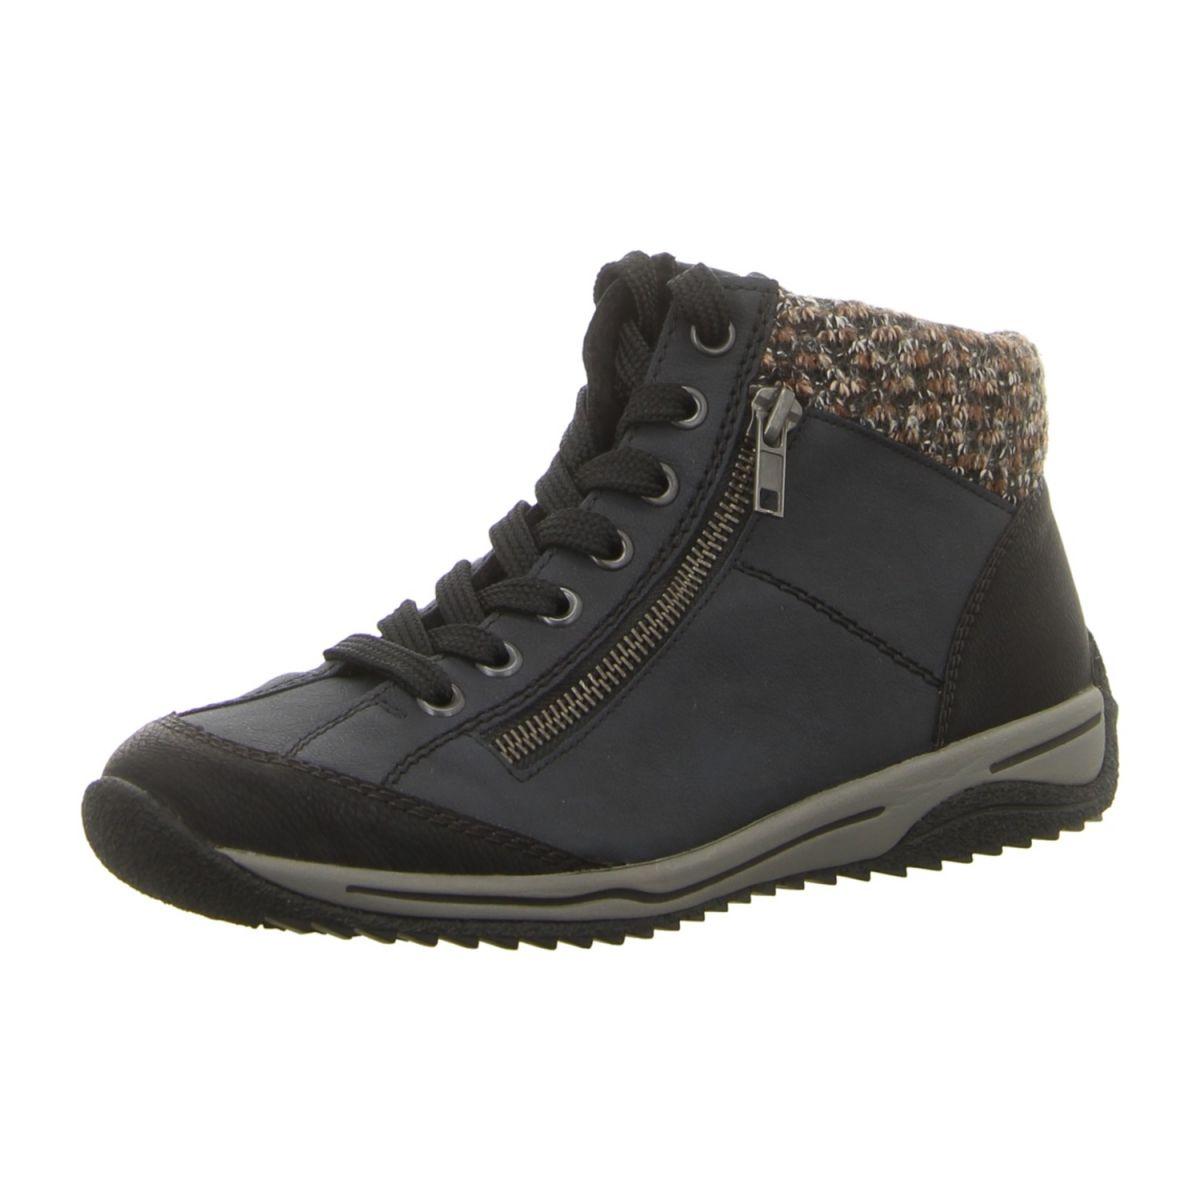 Rieker Schuhe Stiefelette L6904-45 grau kombi (grau) NEU